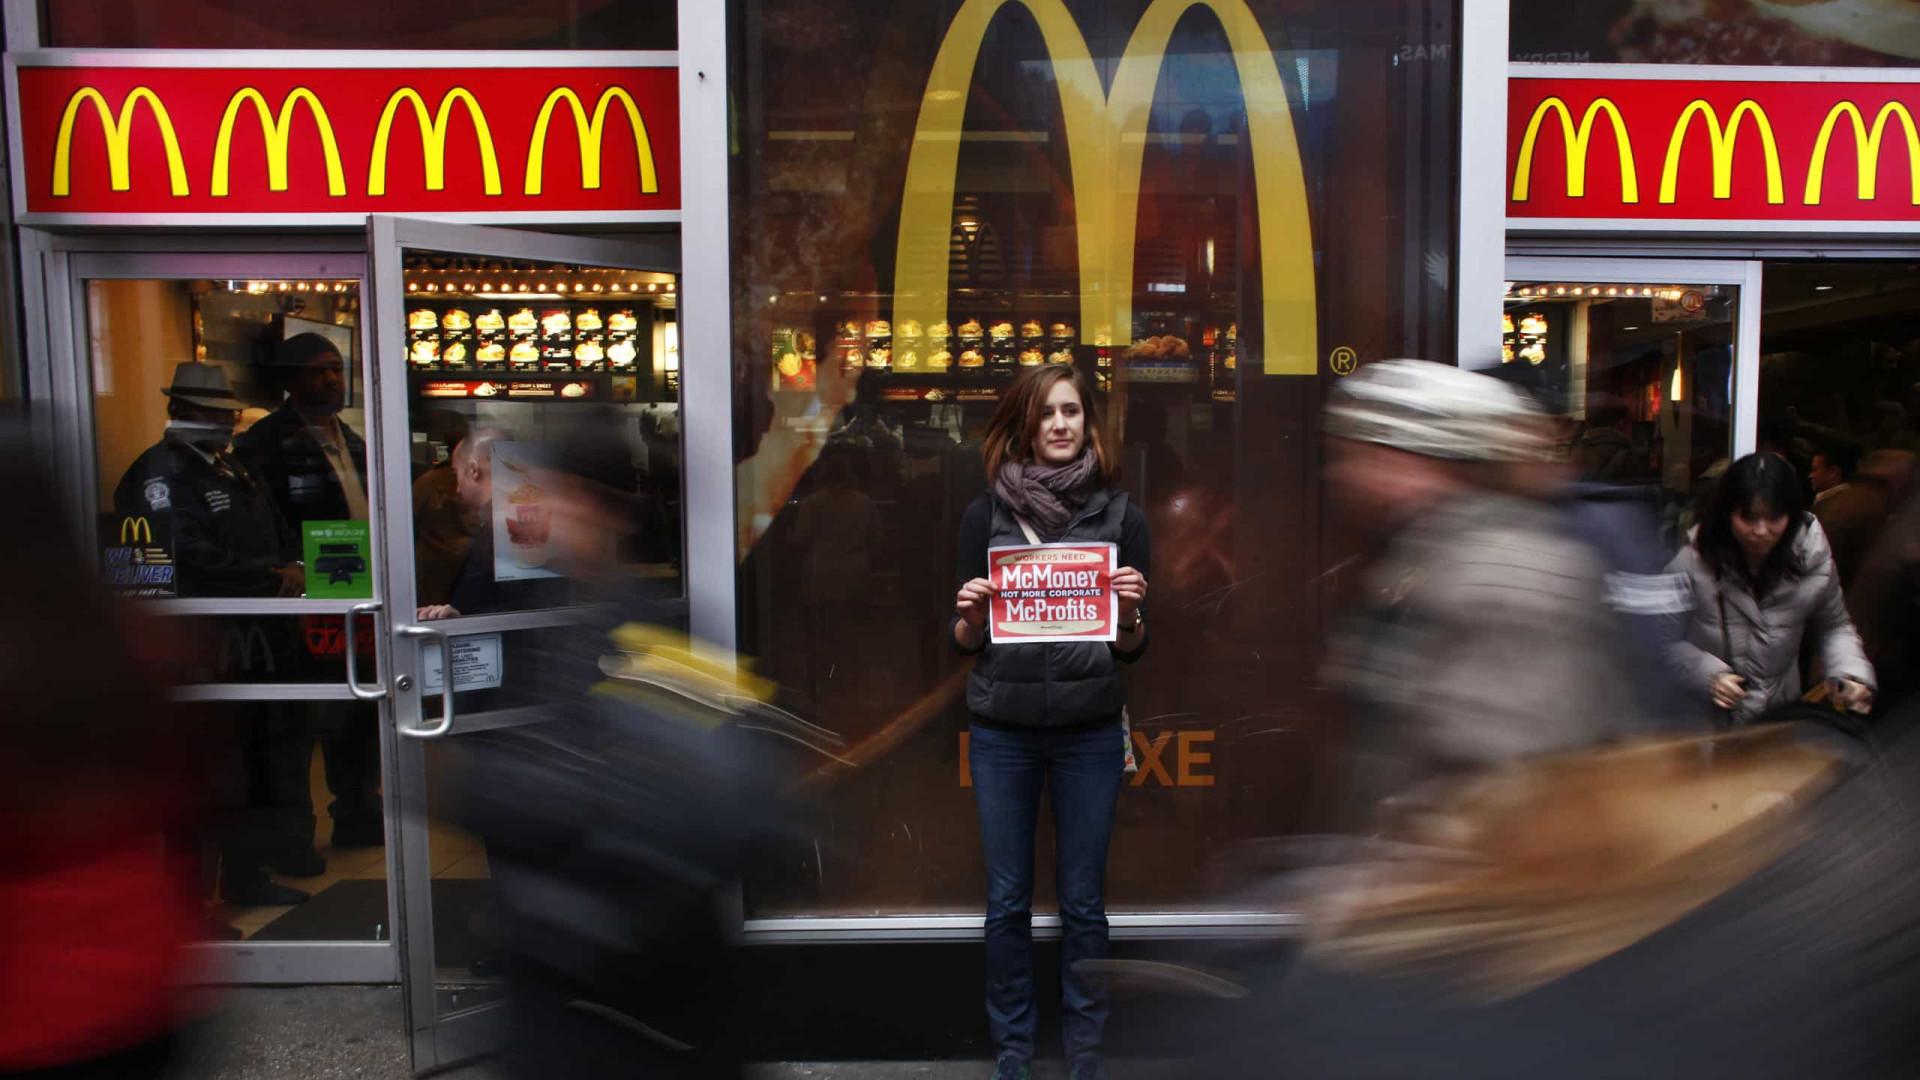 BR e mais 6 países denunciam McDonald's por 'assédio sexual sistêmico'